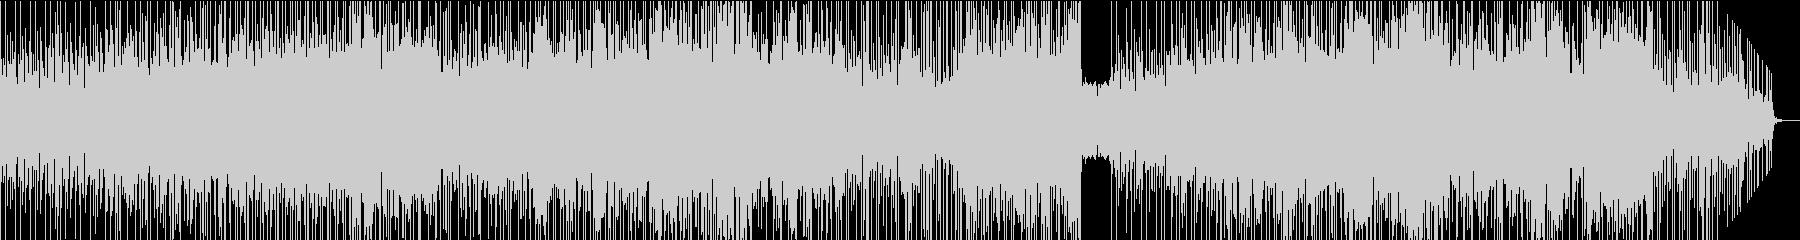 6/8のアコギ系ハードロックの未再生の波形